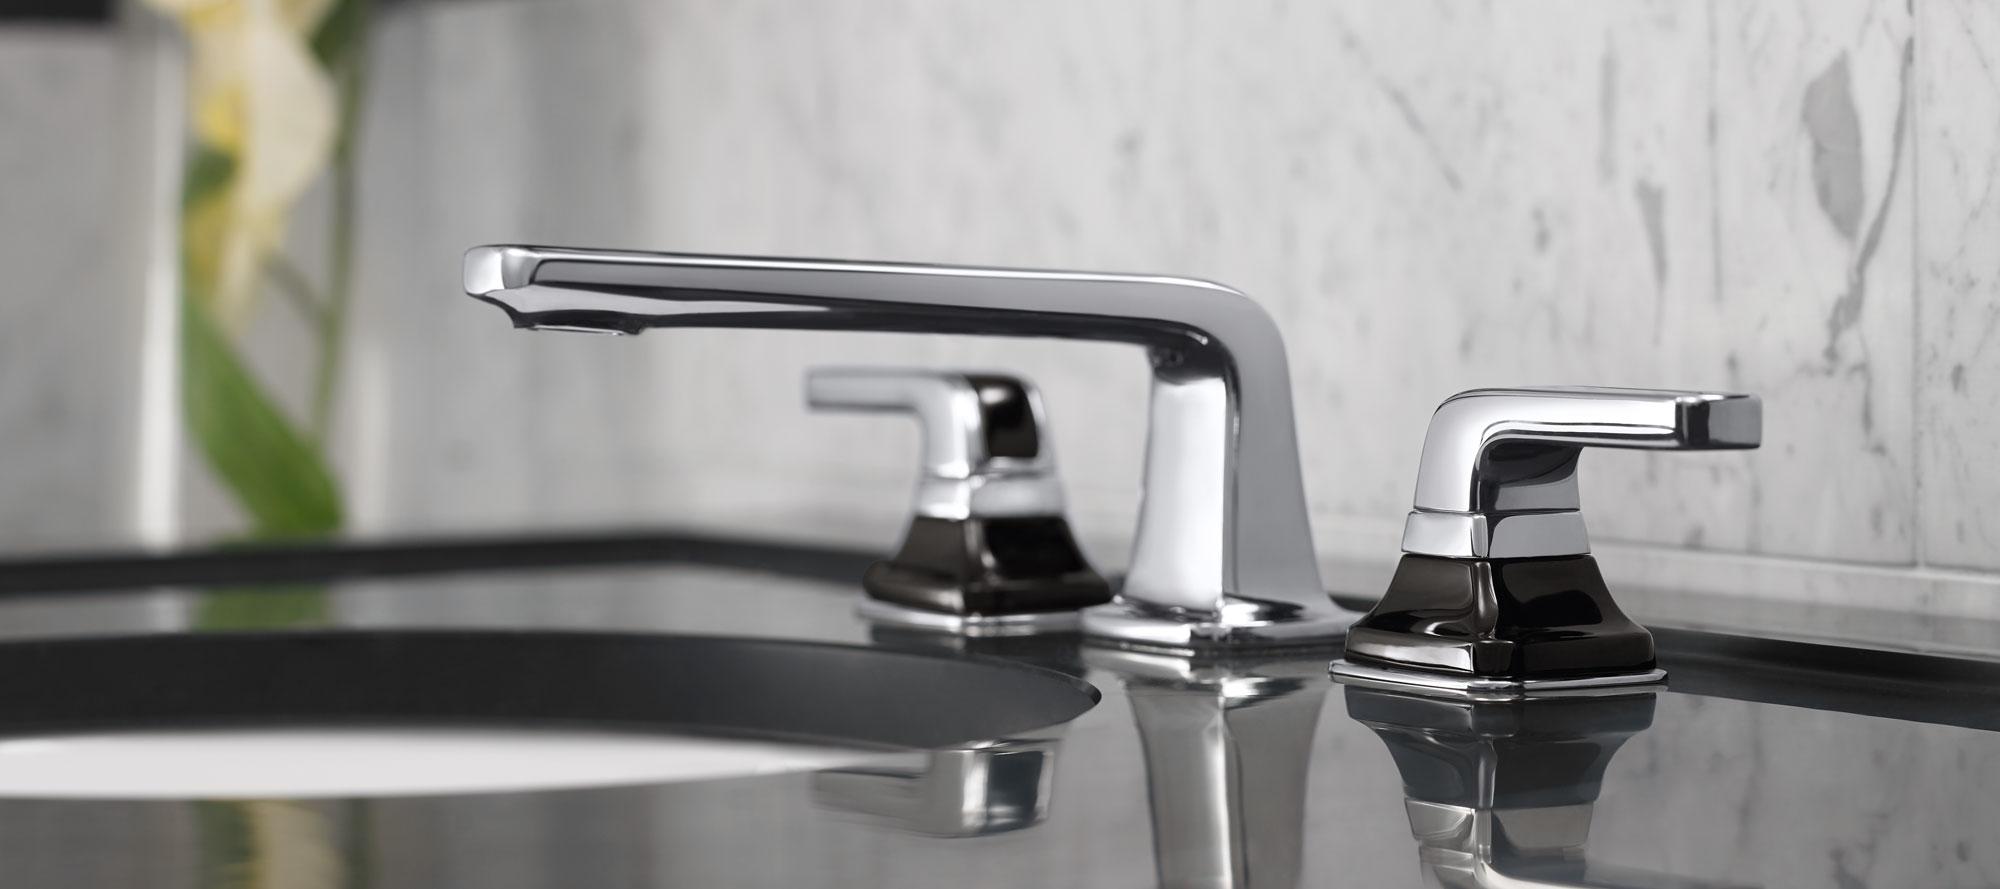 Per Se Bidet Faucet | P24735-LV | Bidets Faucets | Faucets ...